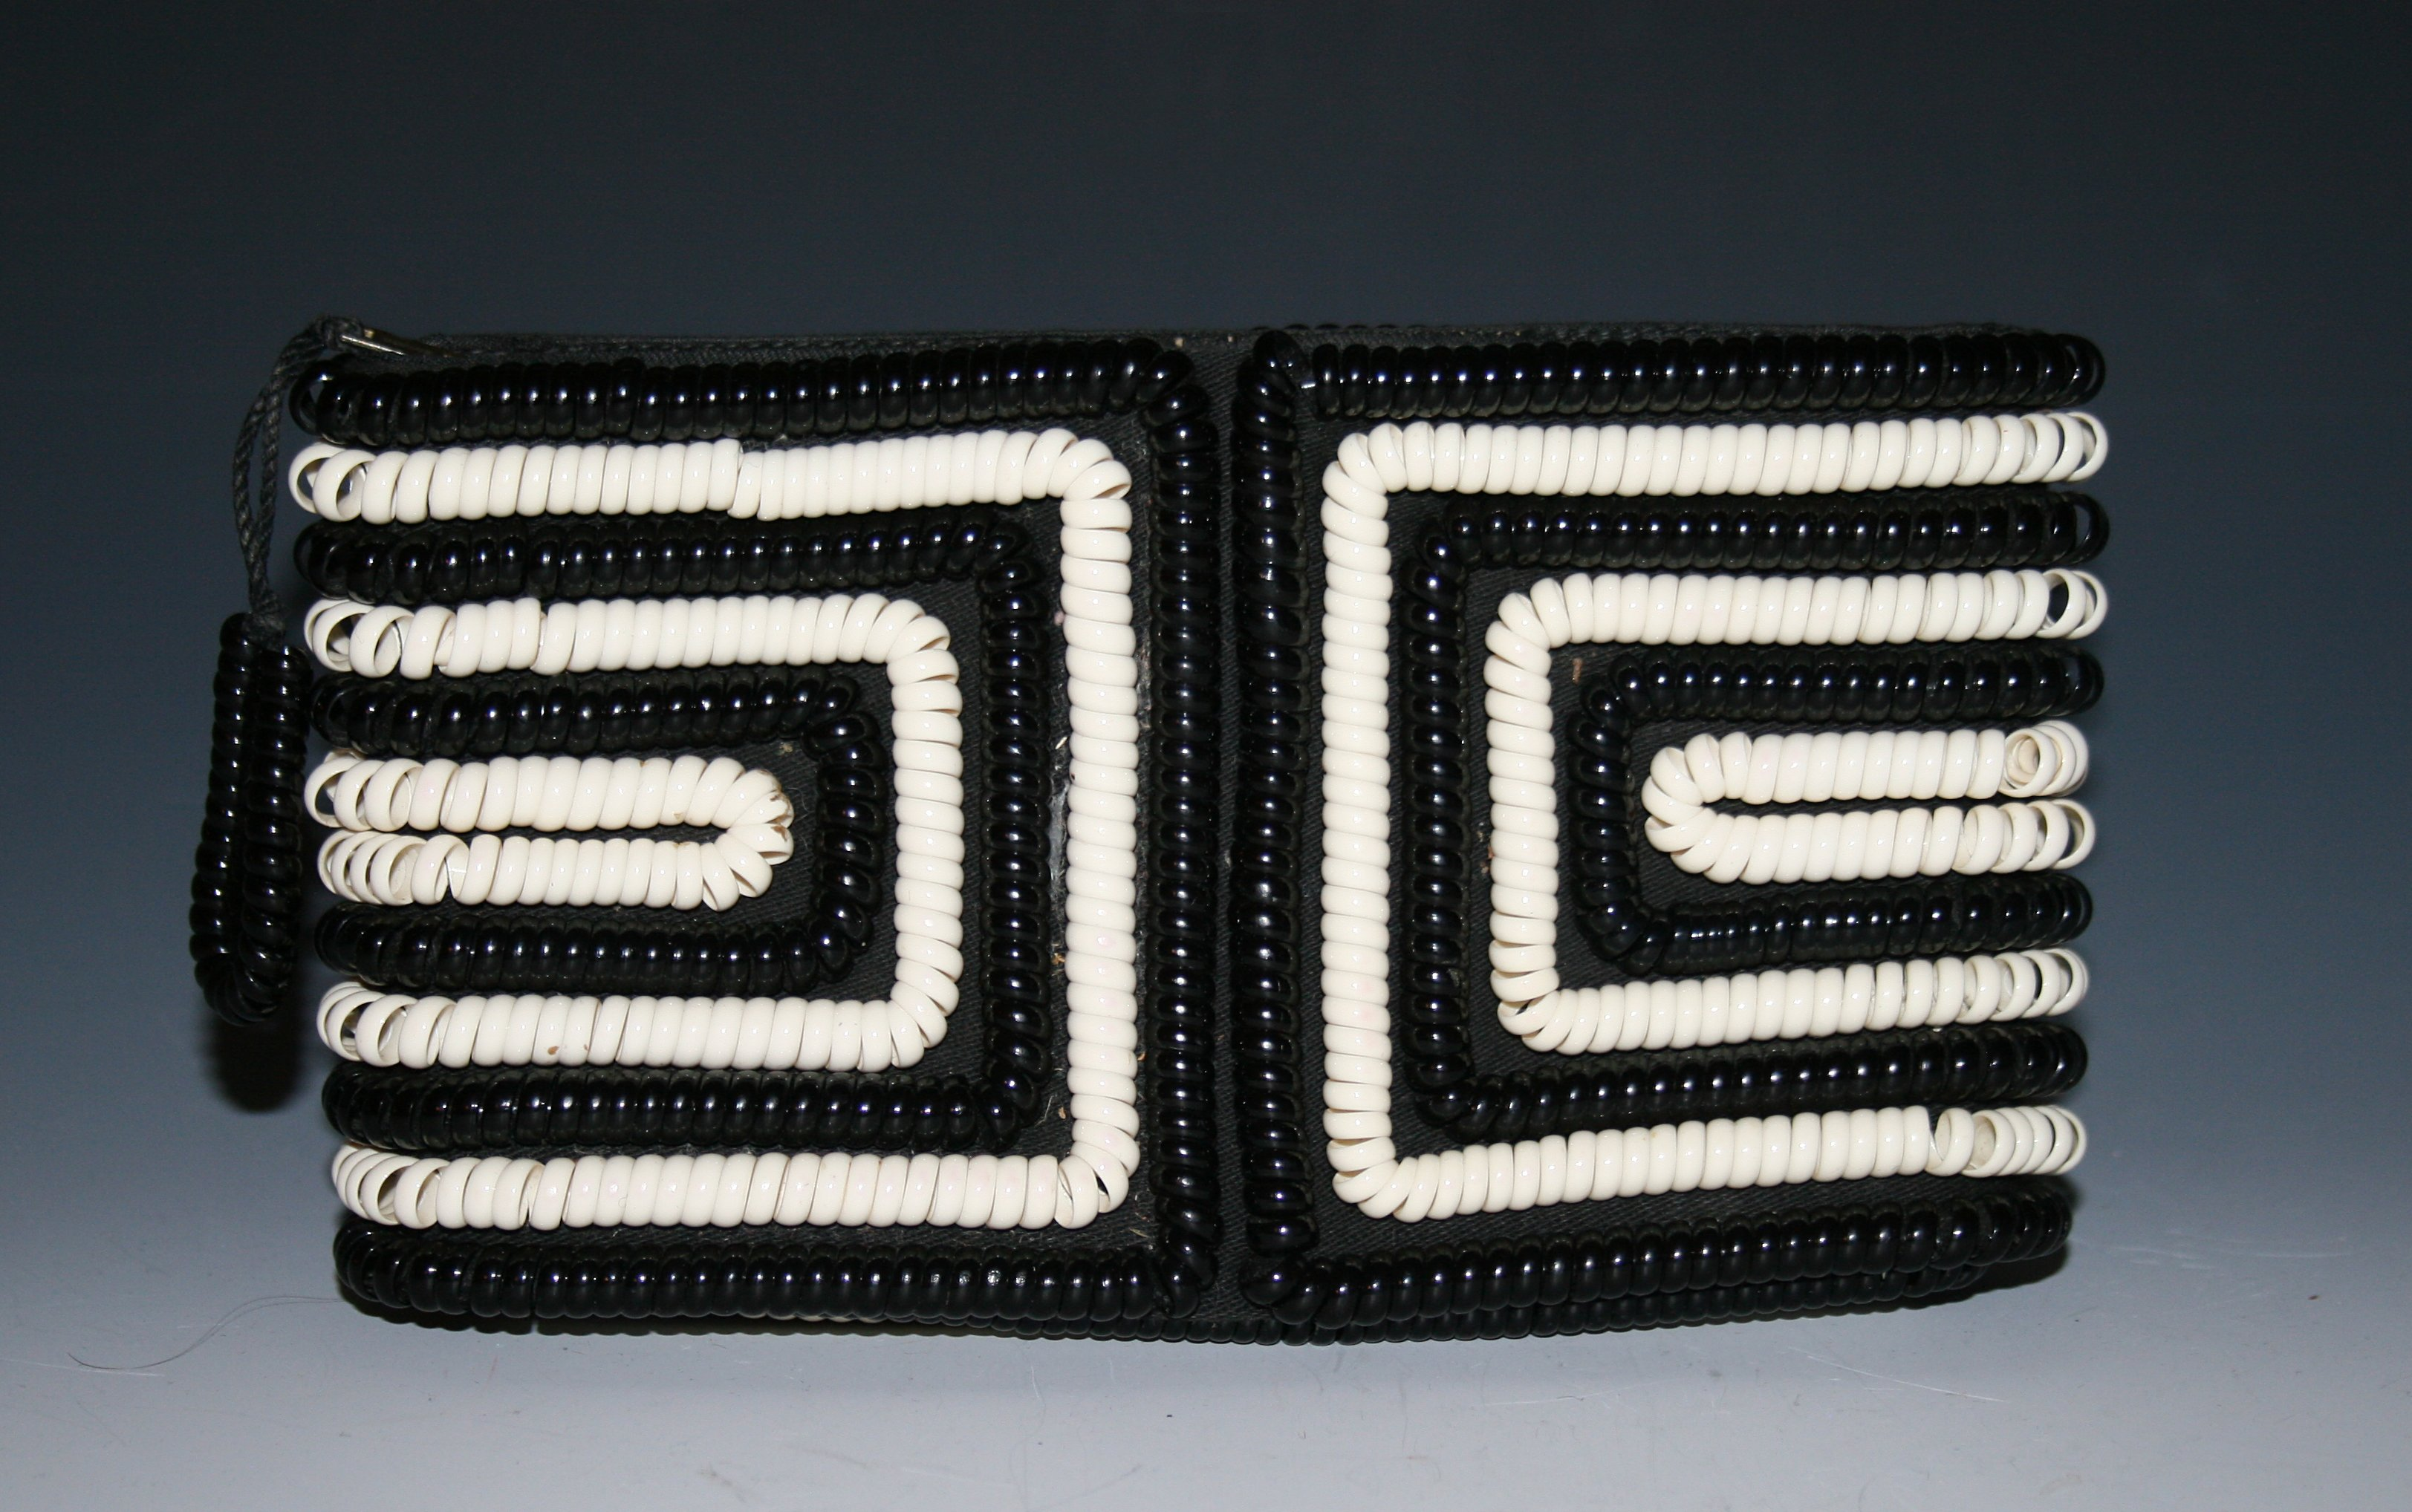 Black and white Plastic Coil purse